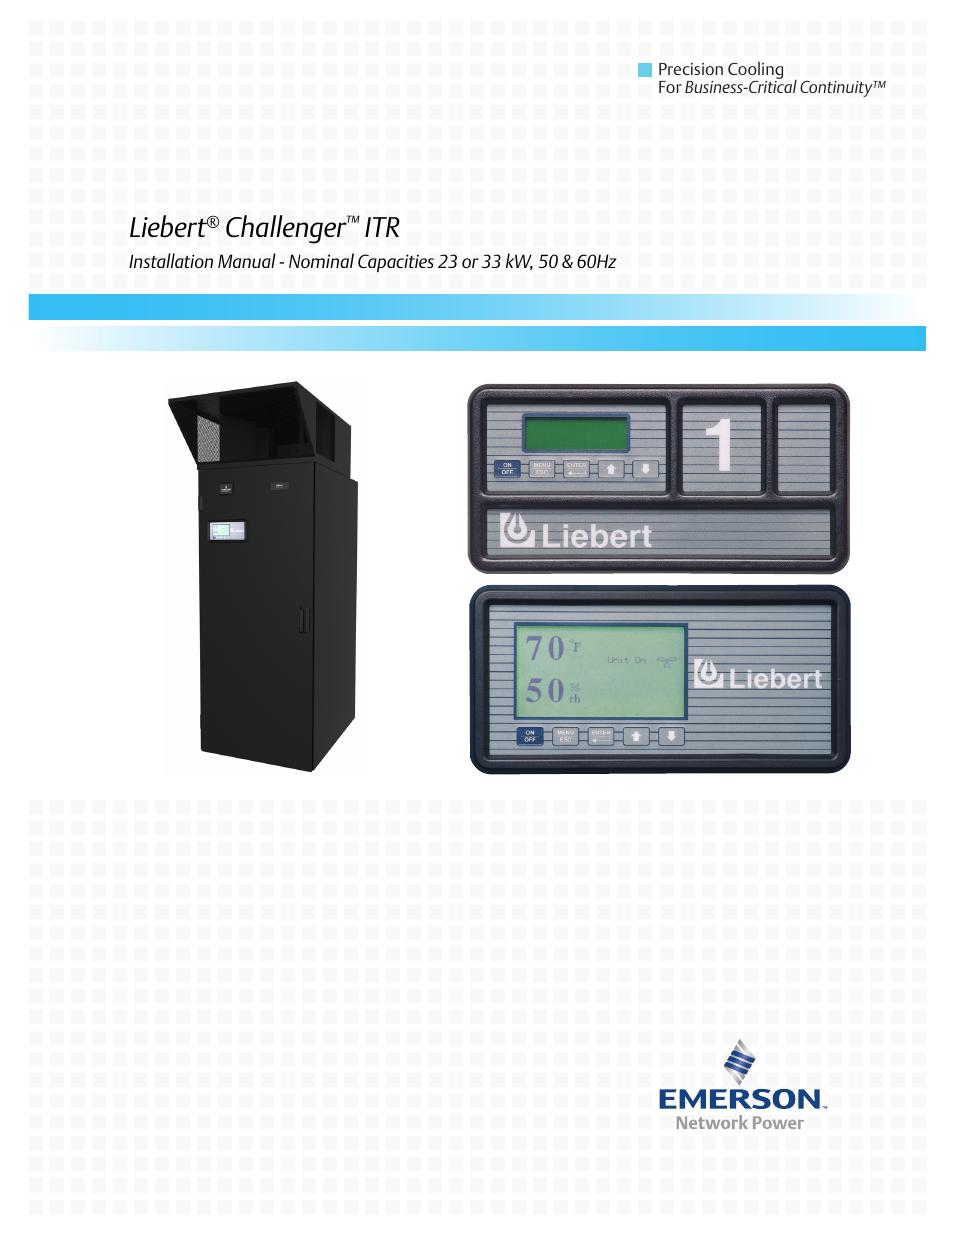 Liebert Challenger ITR User Manual | 64 pages